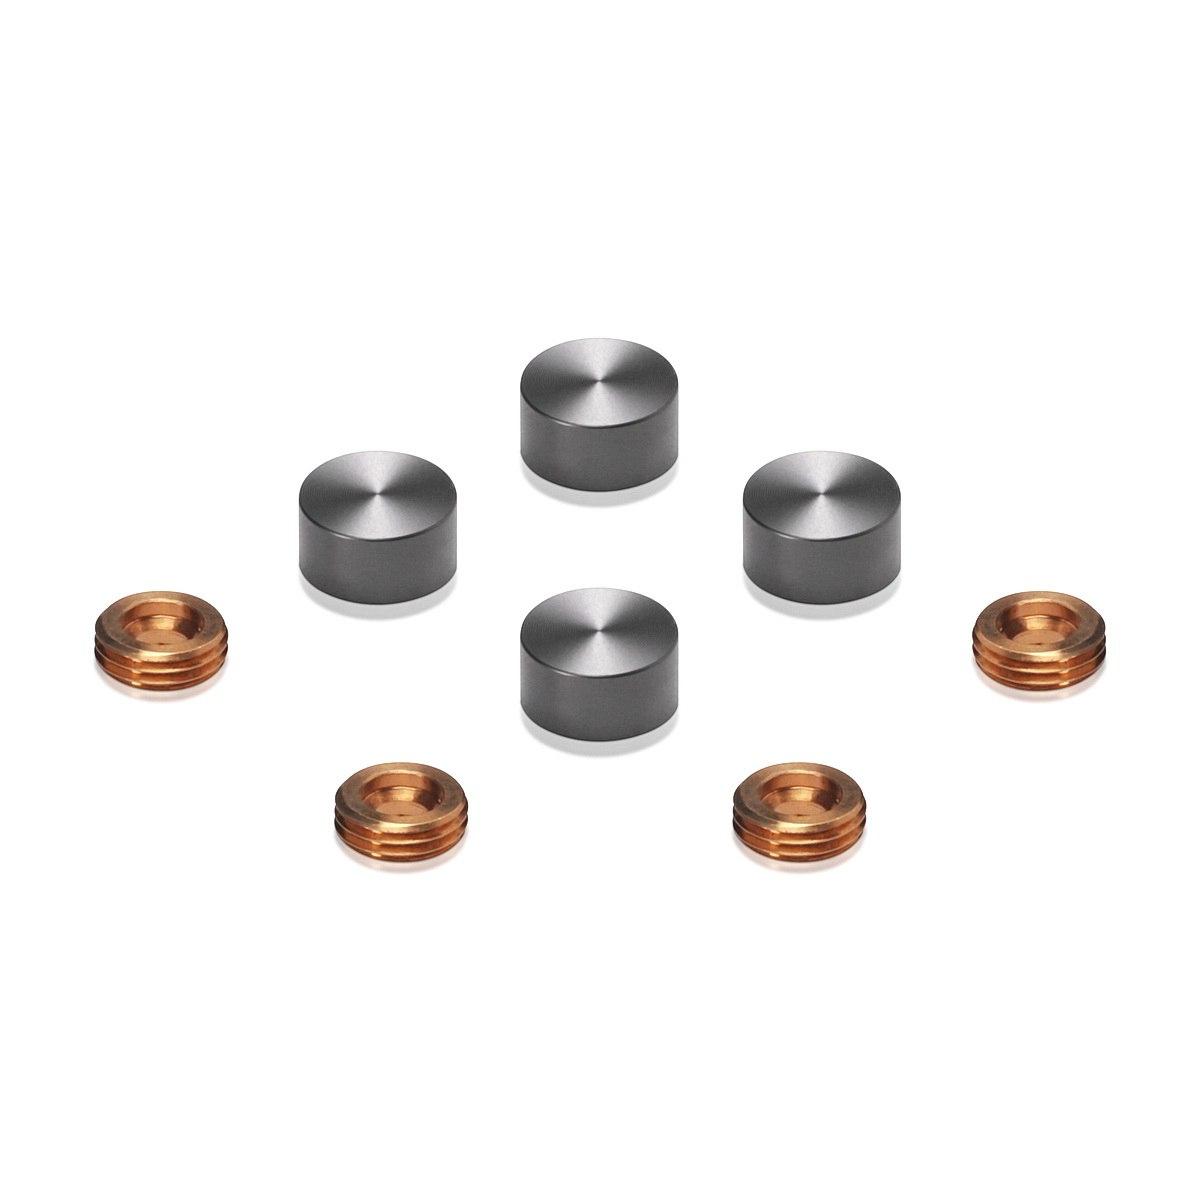 Set of 4 Screw Cover, Diameter: 1/2'', Aluminum Titanium Finish